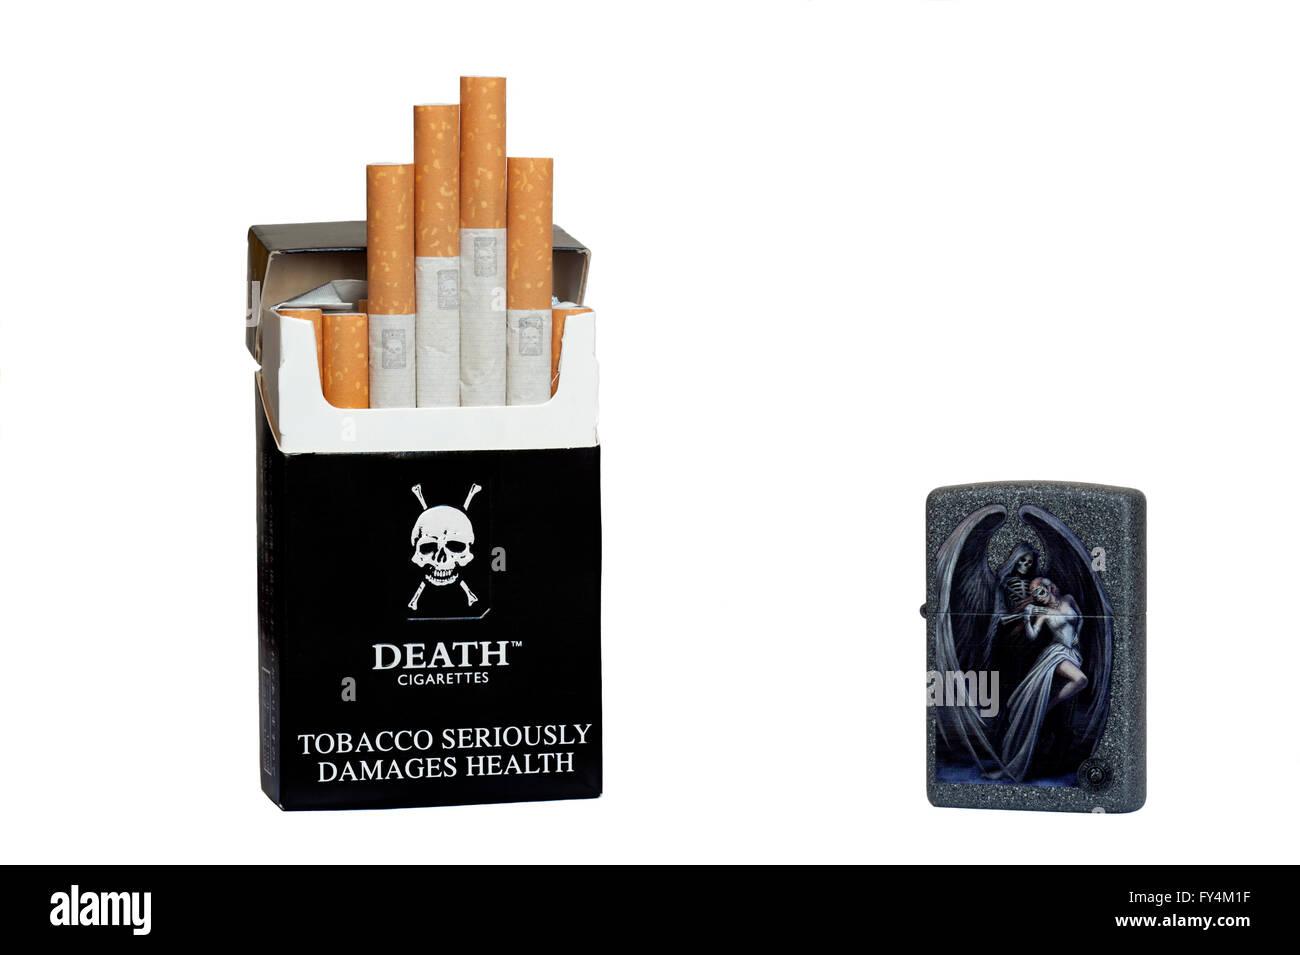 Buy cigarettes More skins